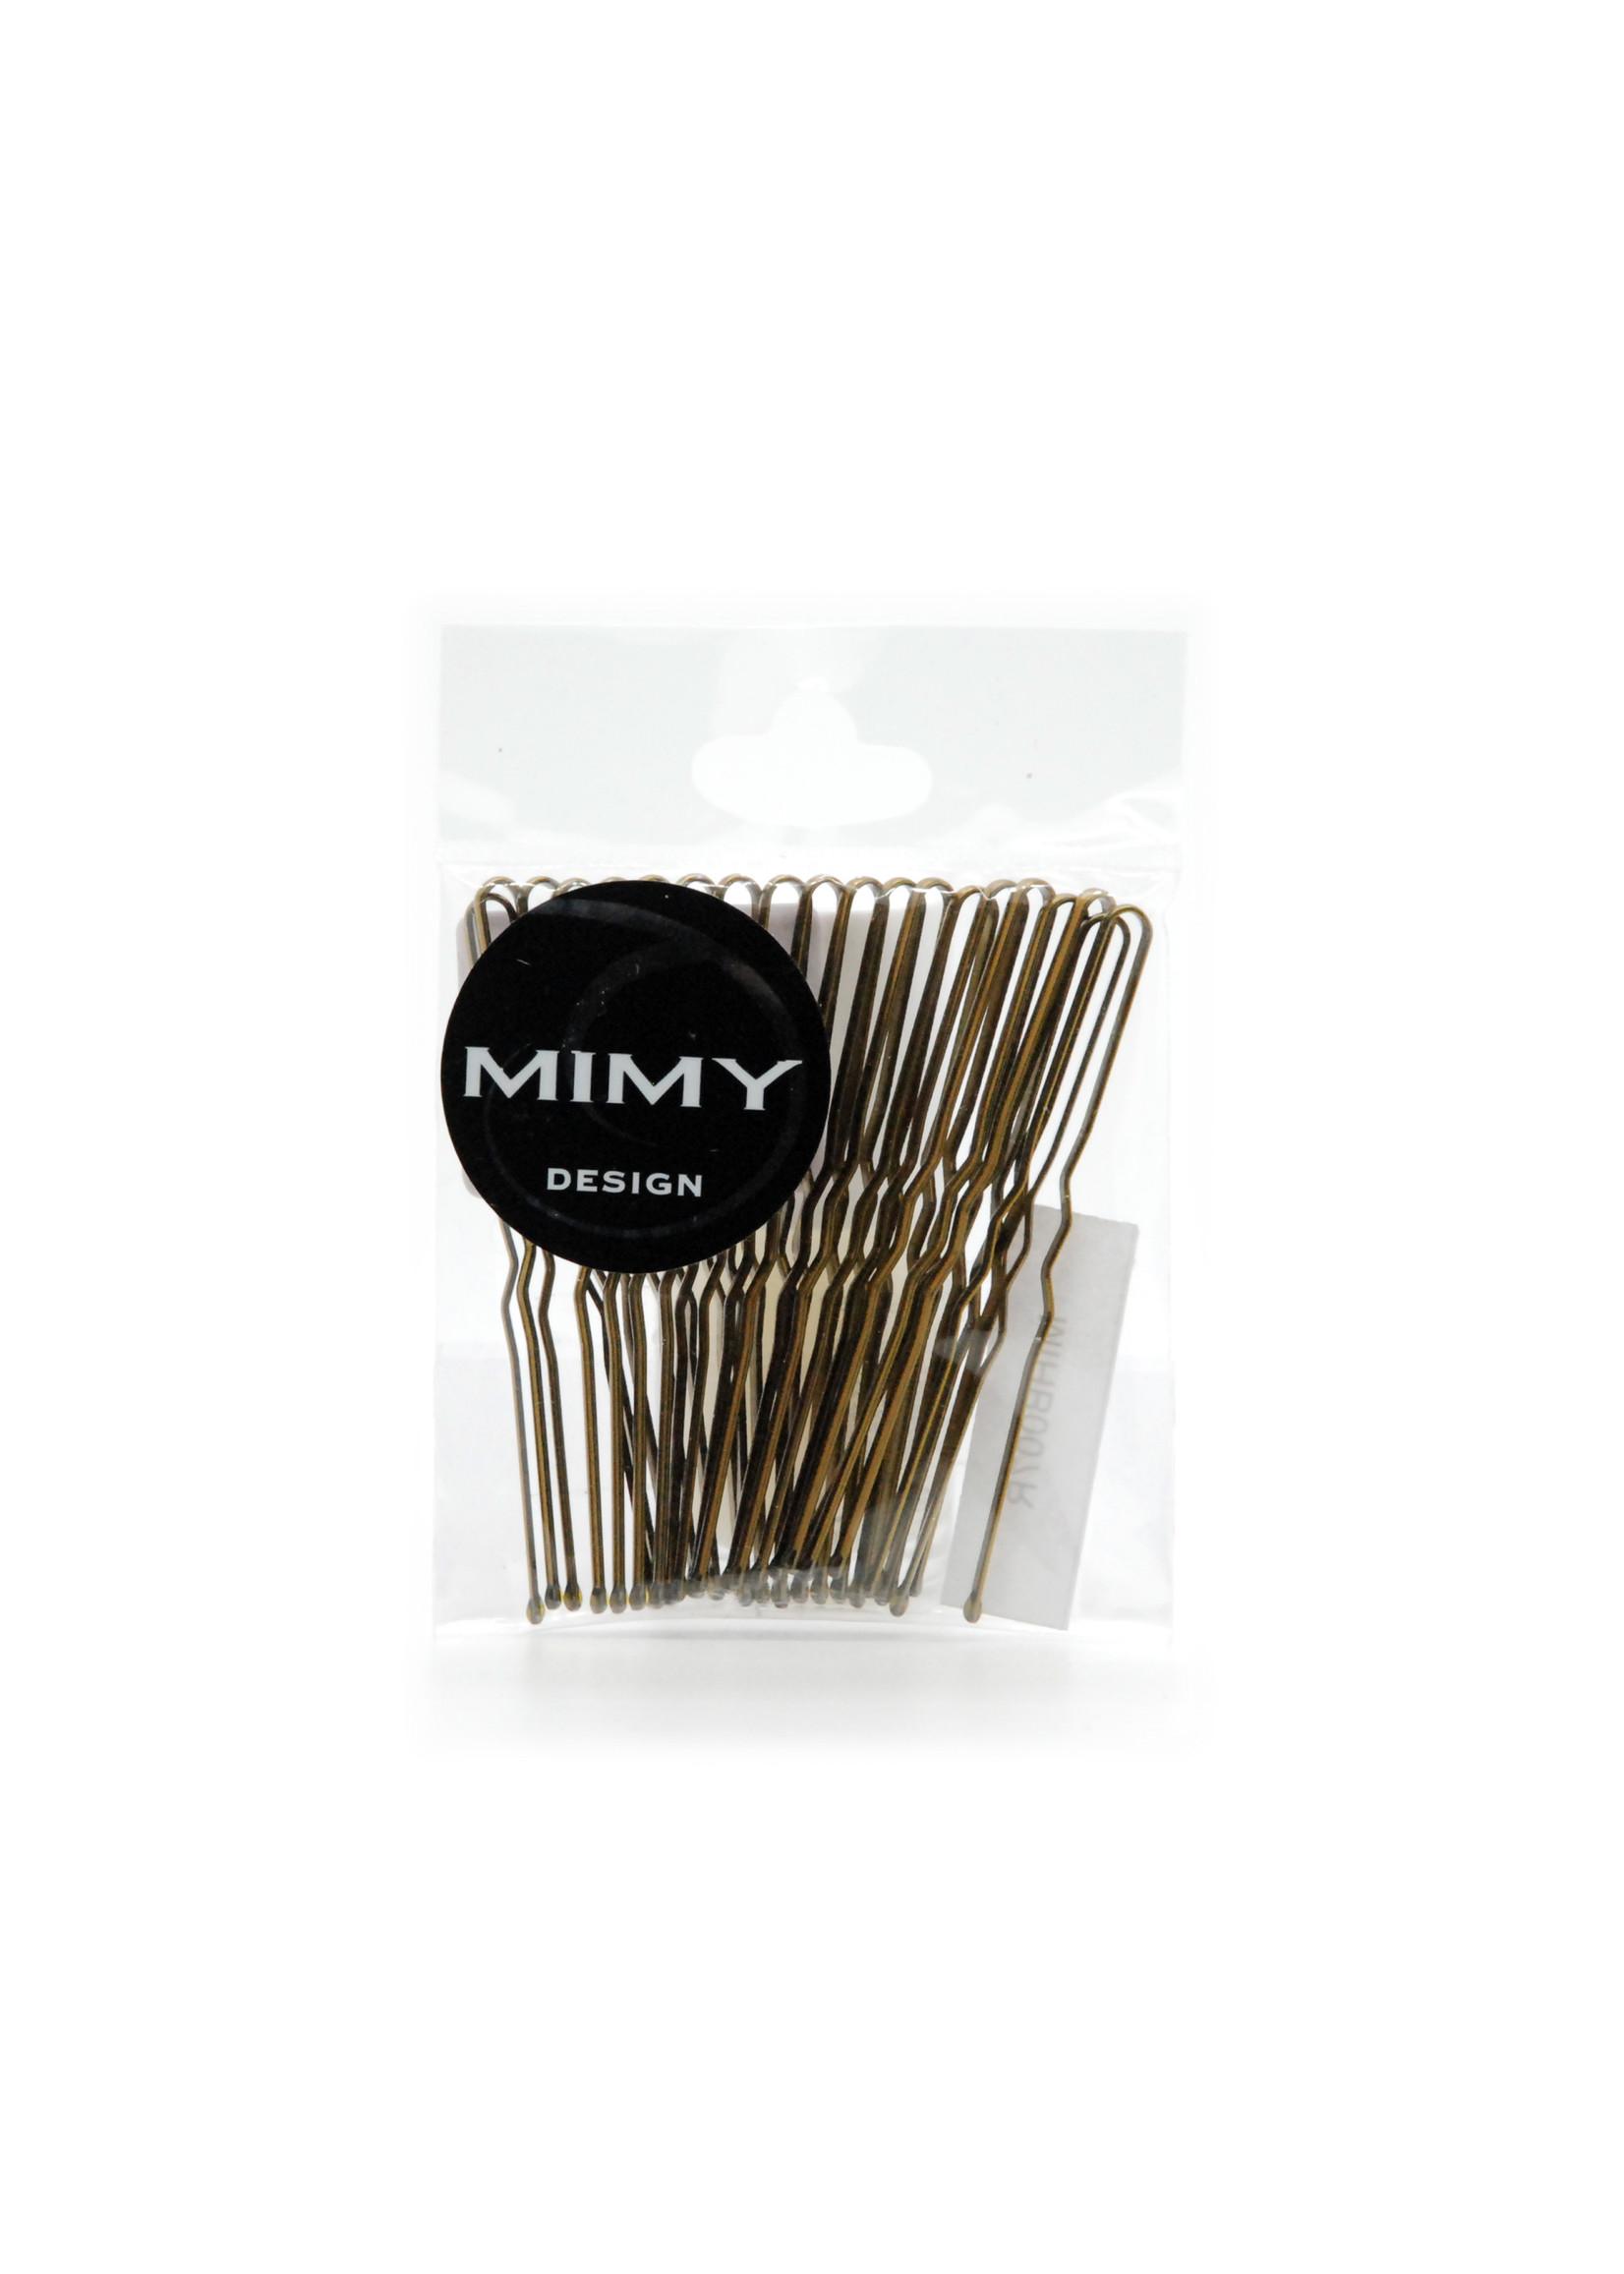 Mimy Design Épingles à chignon  - 2,5 pouces - Mimy Design